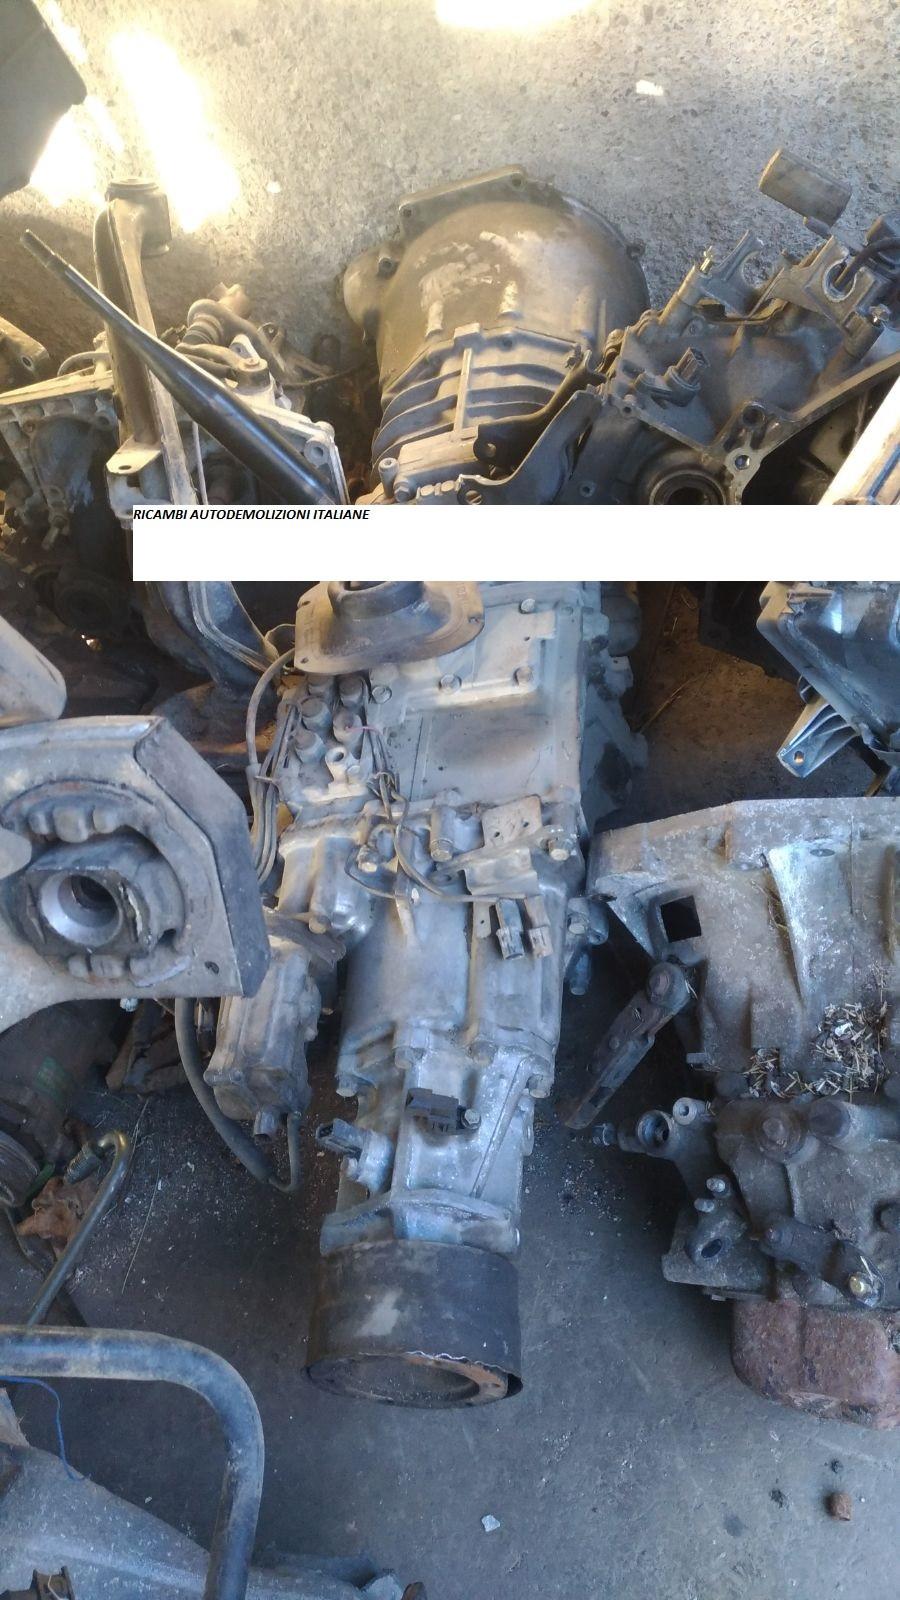 Cambio Mitsubishi Pajero Codice Motore 4d56